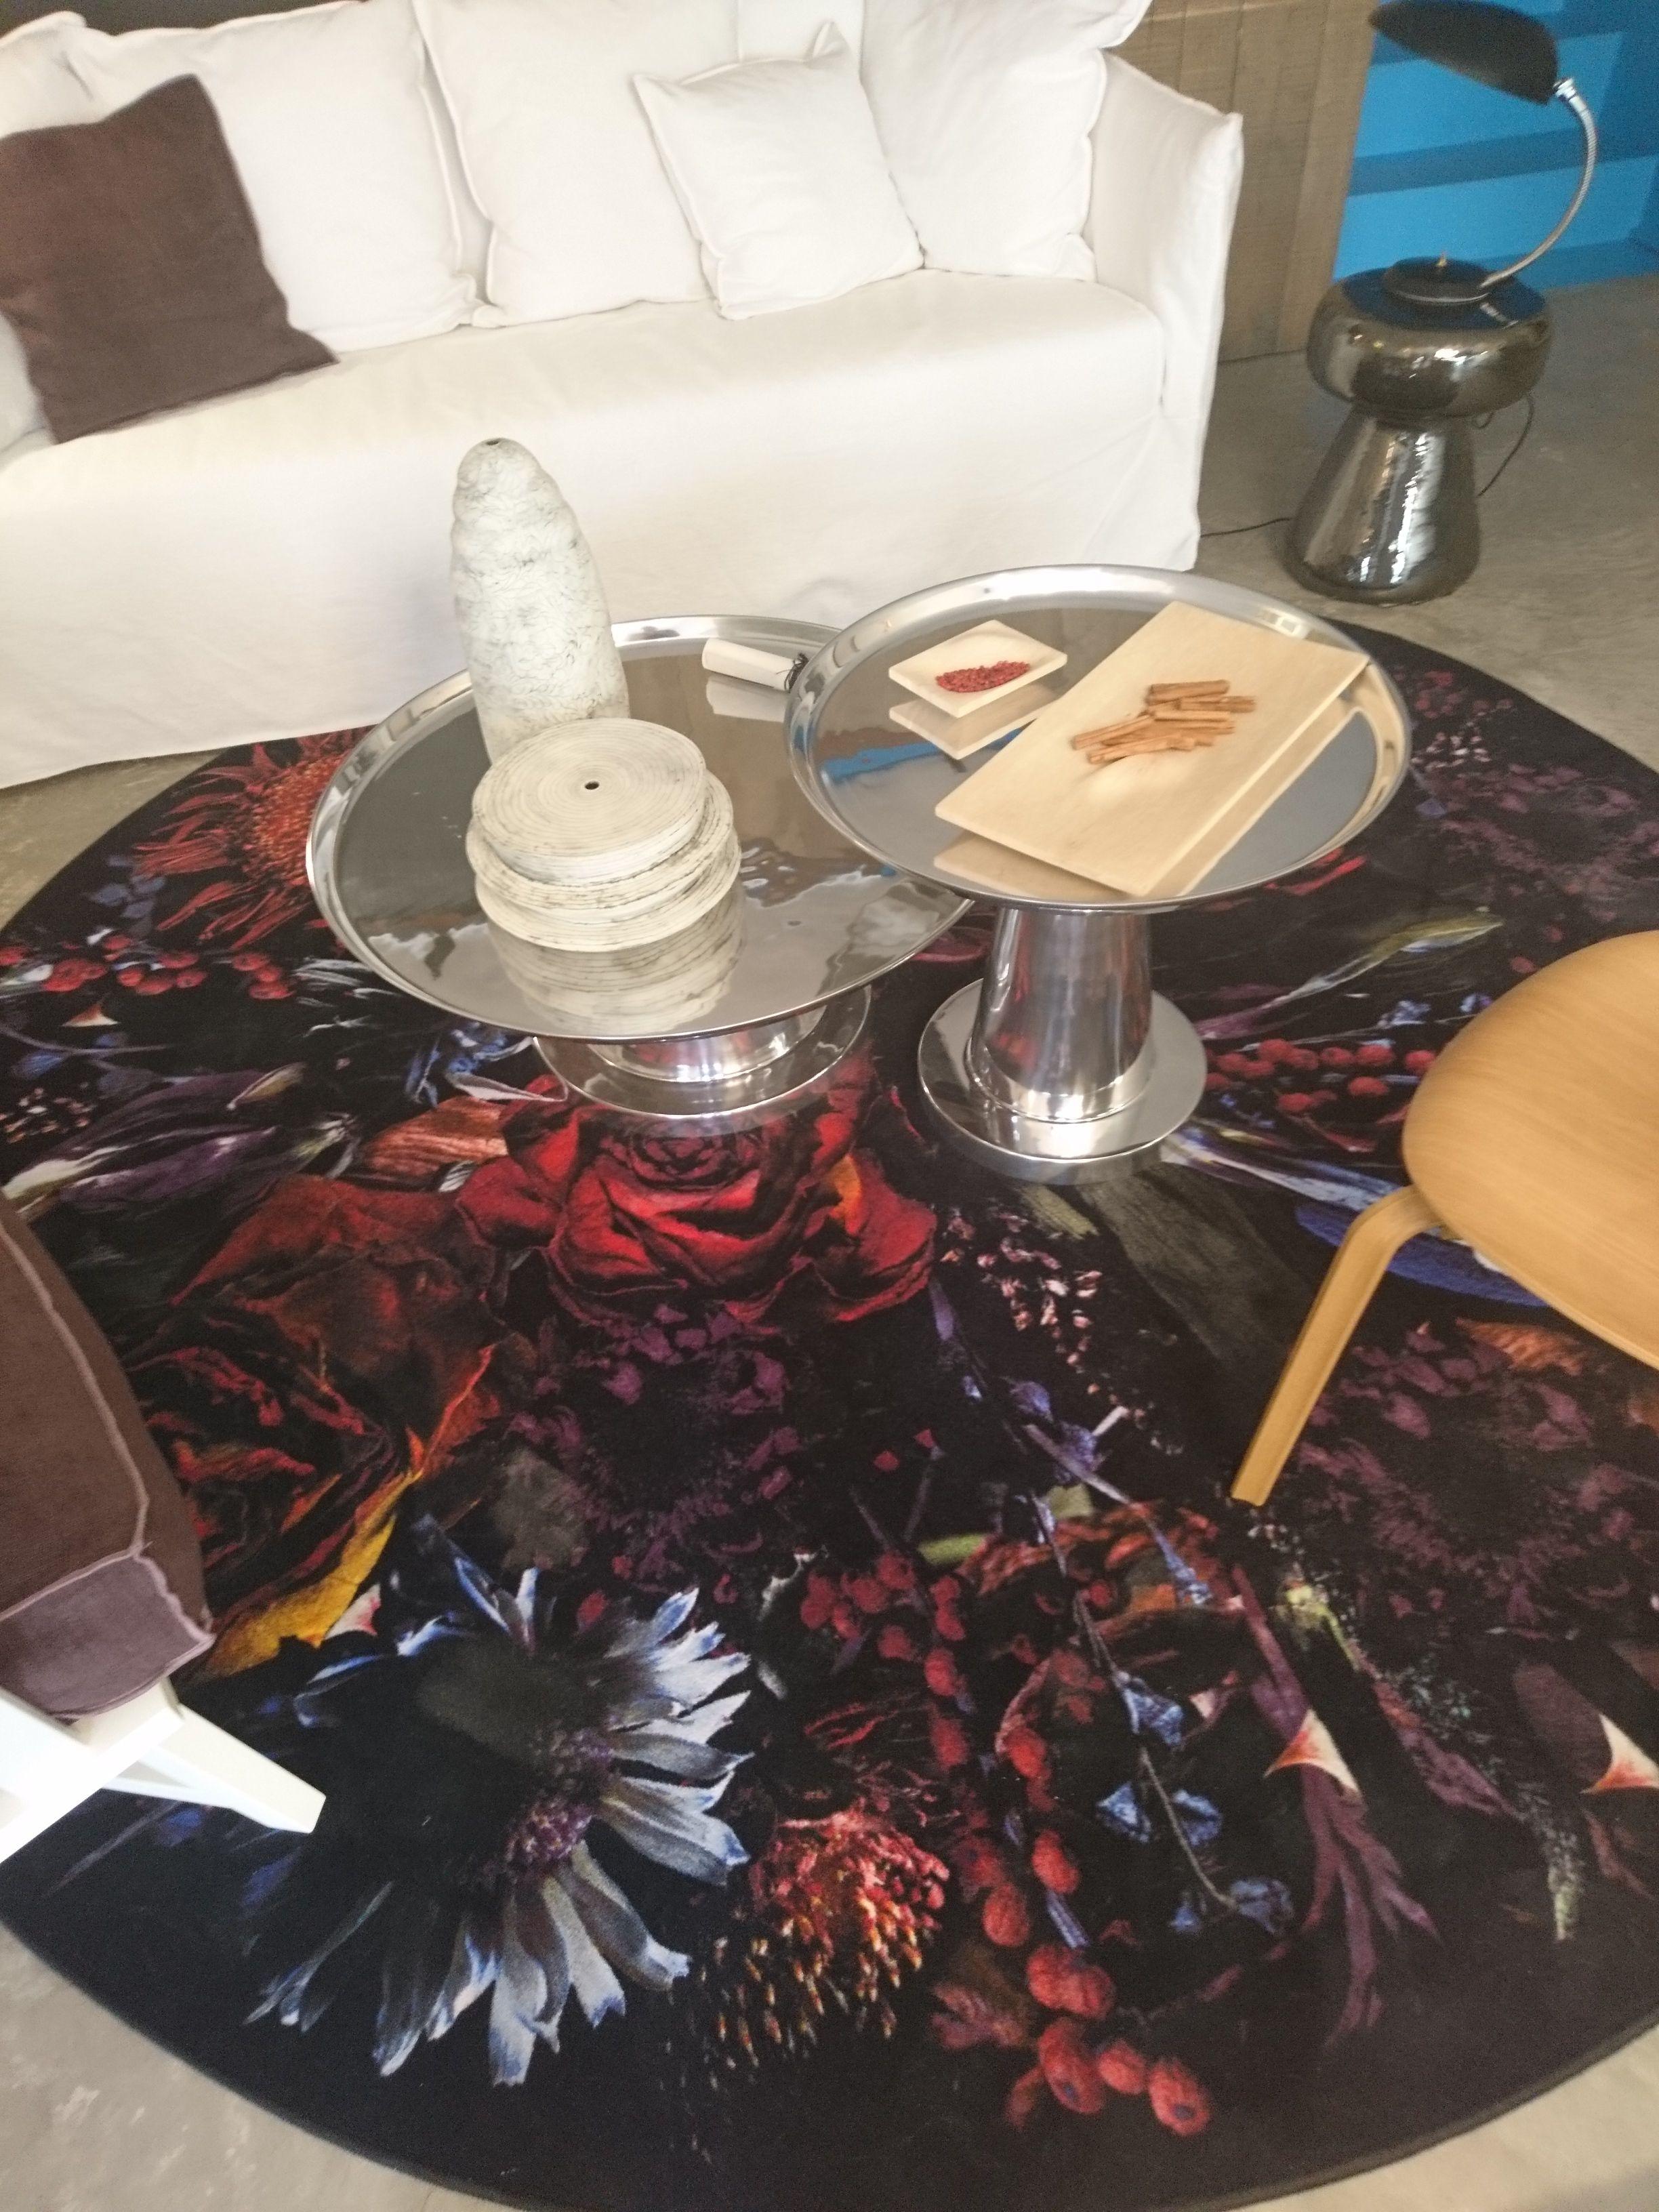 tapis eden queen moooi carpet diam 250 cm prix 2020 00 ttc solde 30 1400 00 s t. Black Bedroom Furniture Sets. Home Design Ideas